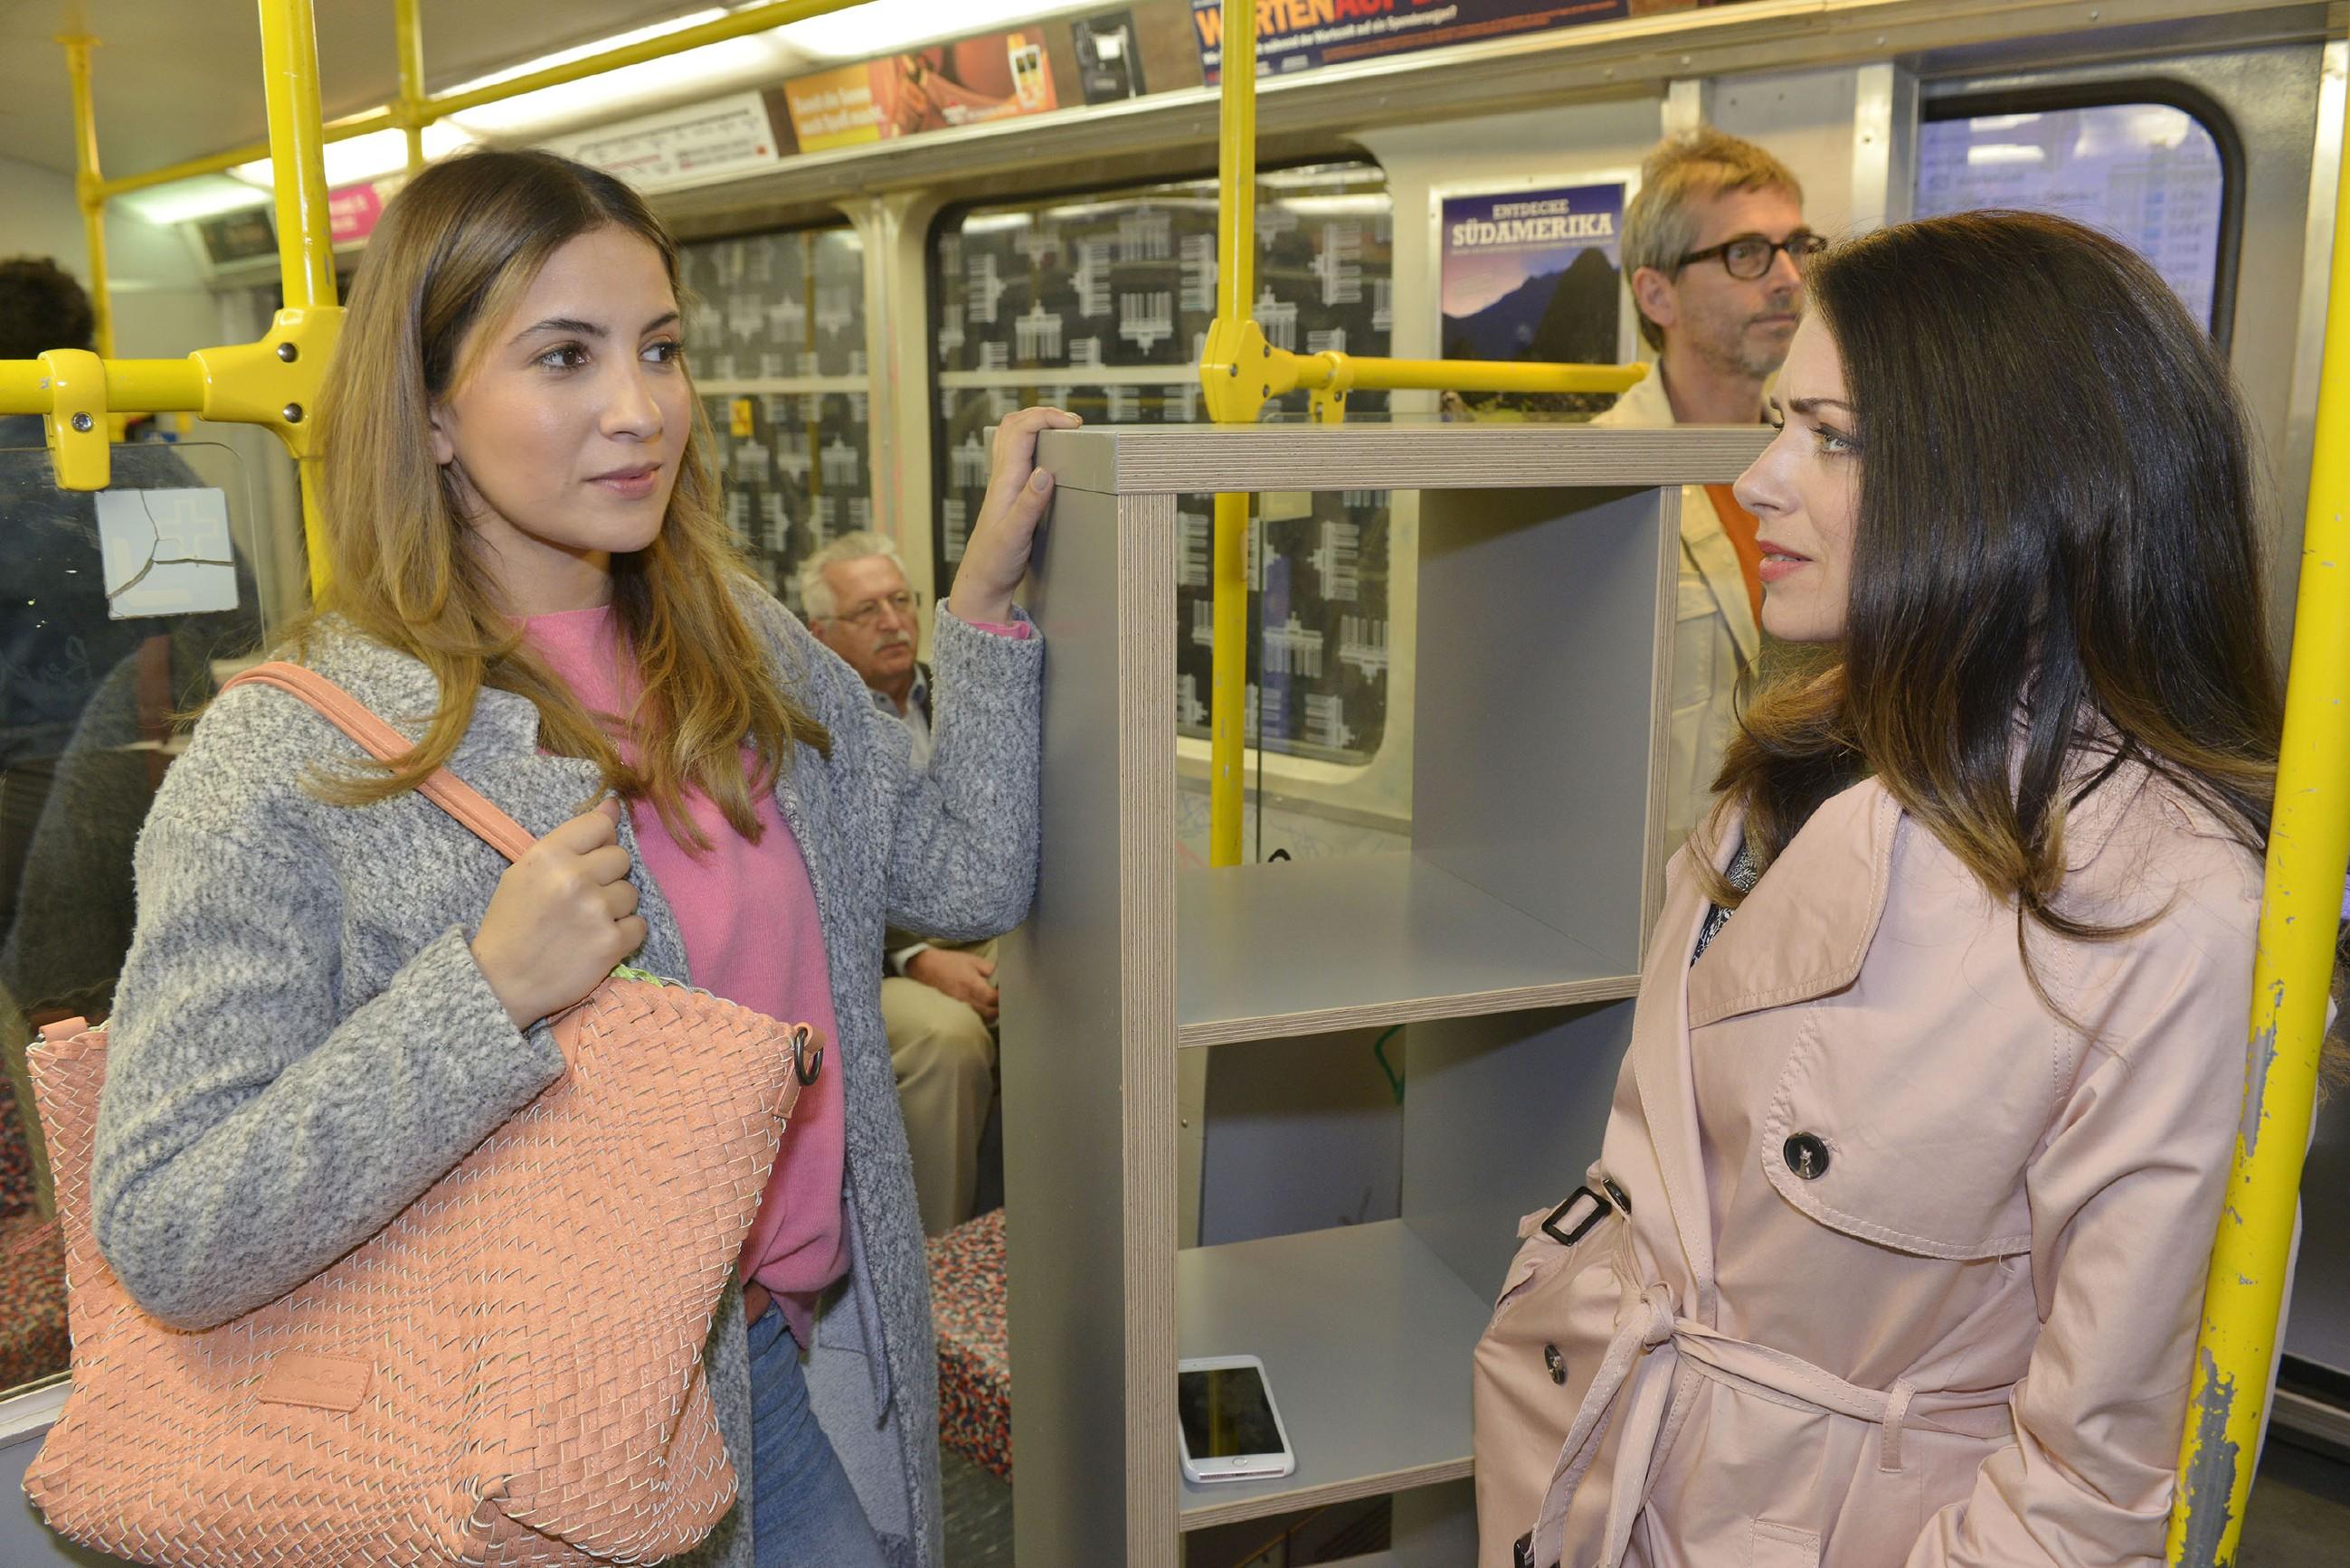 Laura (Chryssanthi Kavazi, l.) versucht Emily (Anne Menden) für sich einzunehmen, doch diese beginnt, Lauras Absichten zu hinterfragen... (RTL / Rolf Baumgartner)